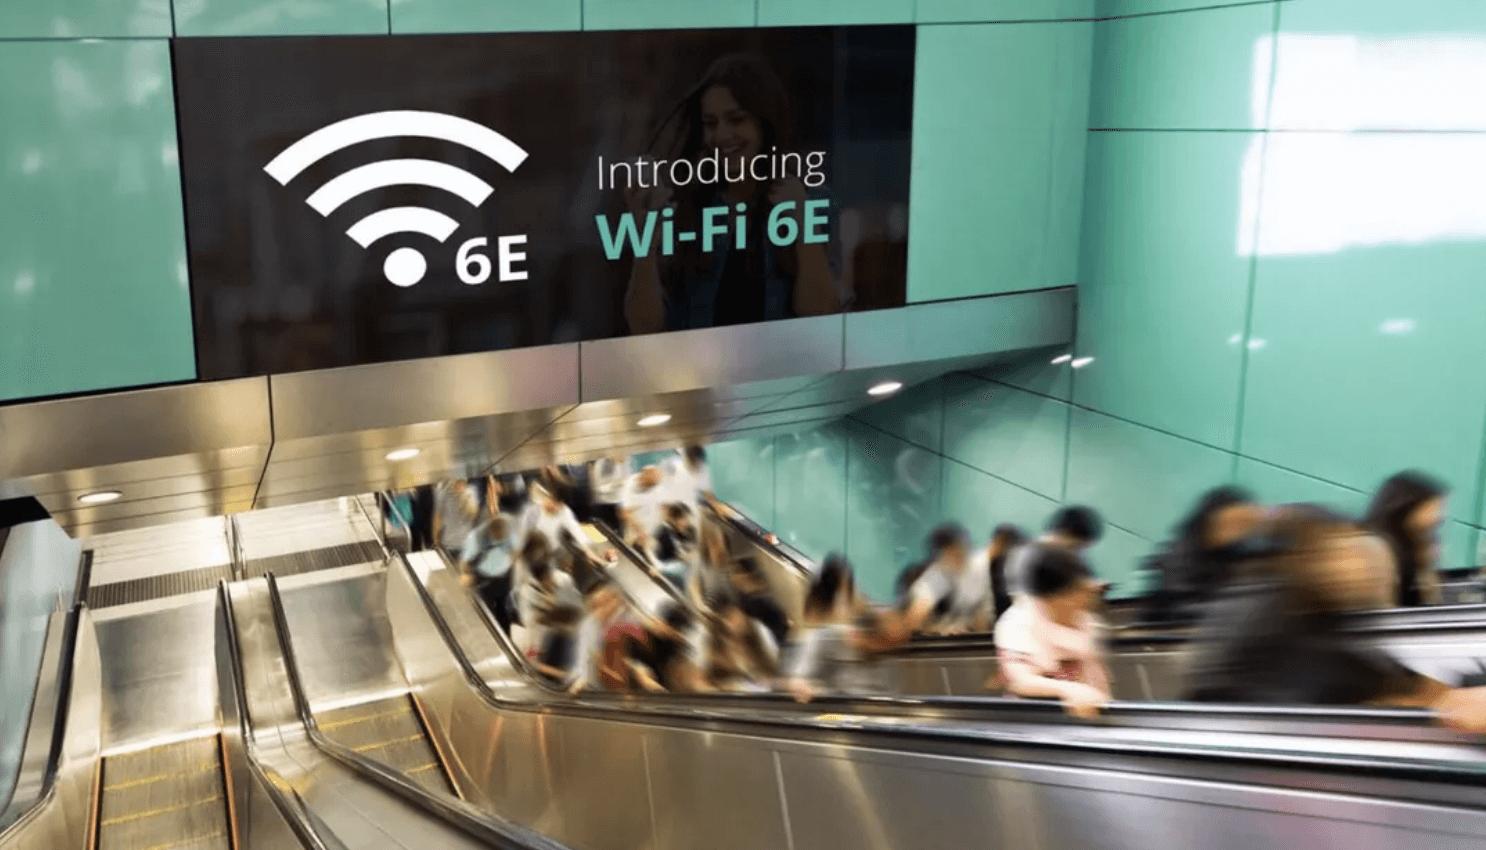 美国联邦通信委员会(FCC)投票决定开放6GHz频段用于Wi-Fi使用